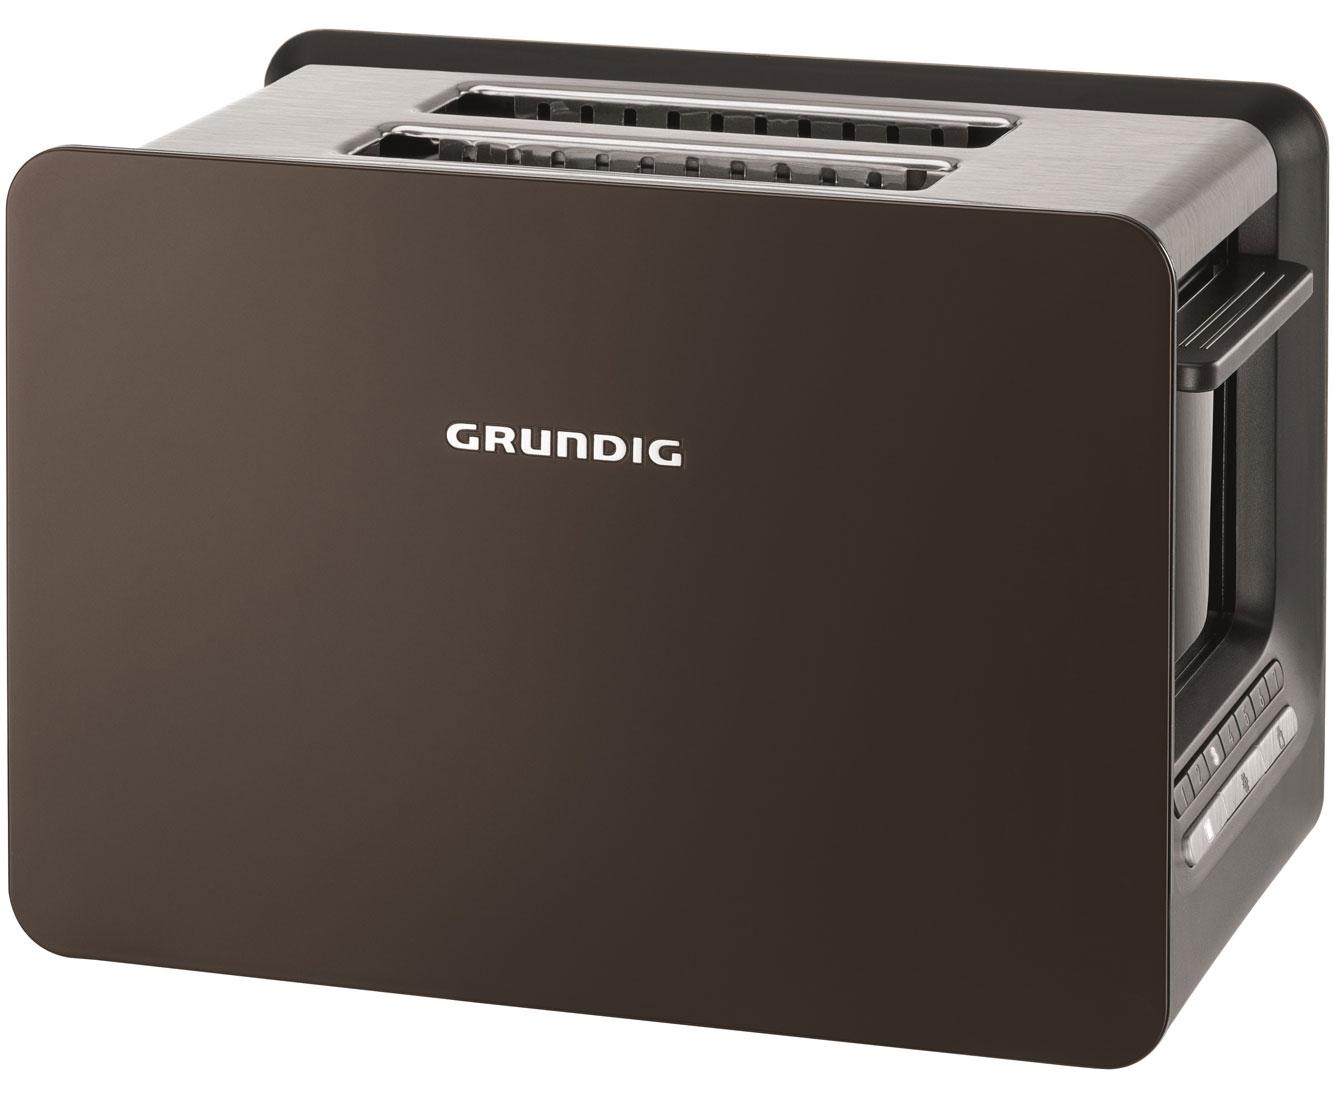 Grundig TA 7280 G Wasserkocher & Toaster - Braun